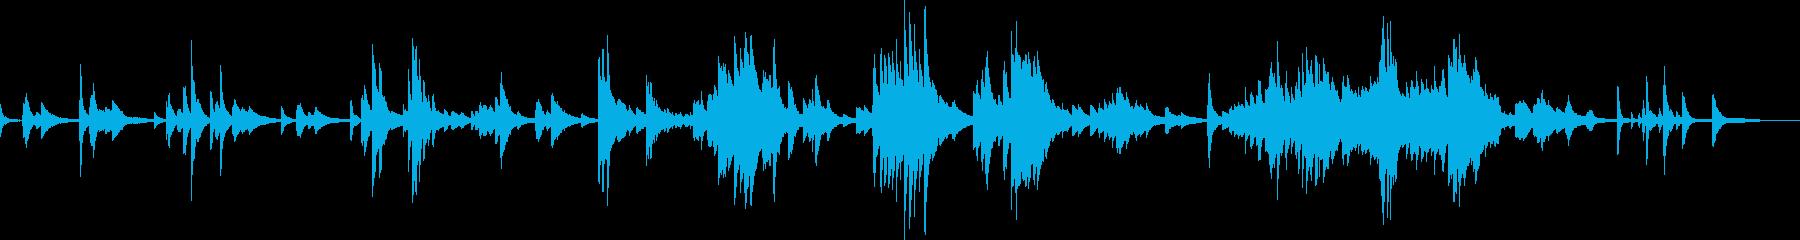 儚く切ないピアノバラード(悲しい・暗い)の再生済みの波形